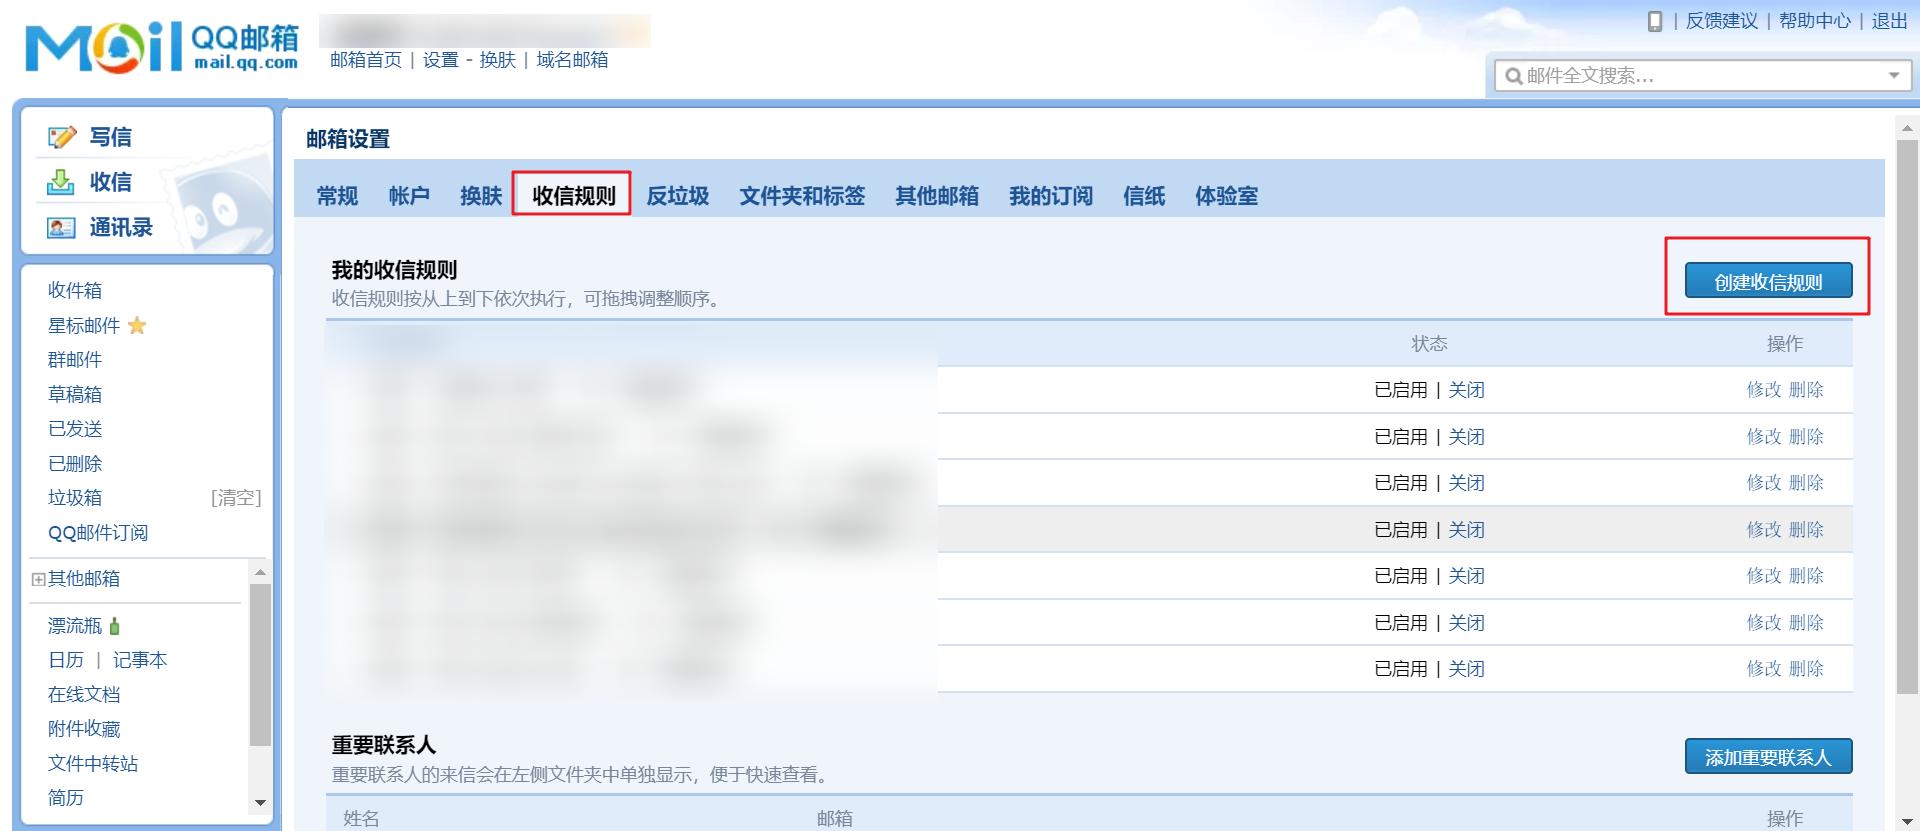 QQ邮箱自定义拦截任意广告垃圾邮件